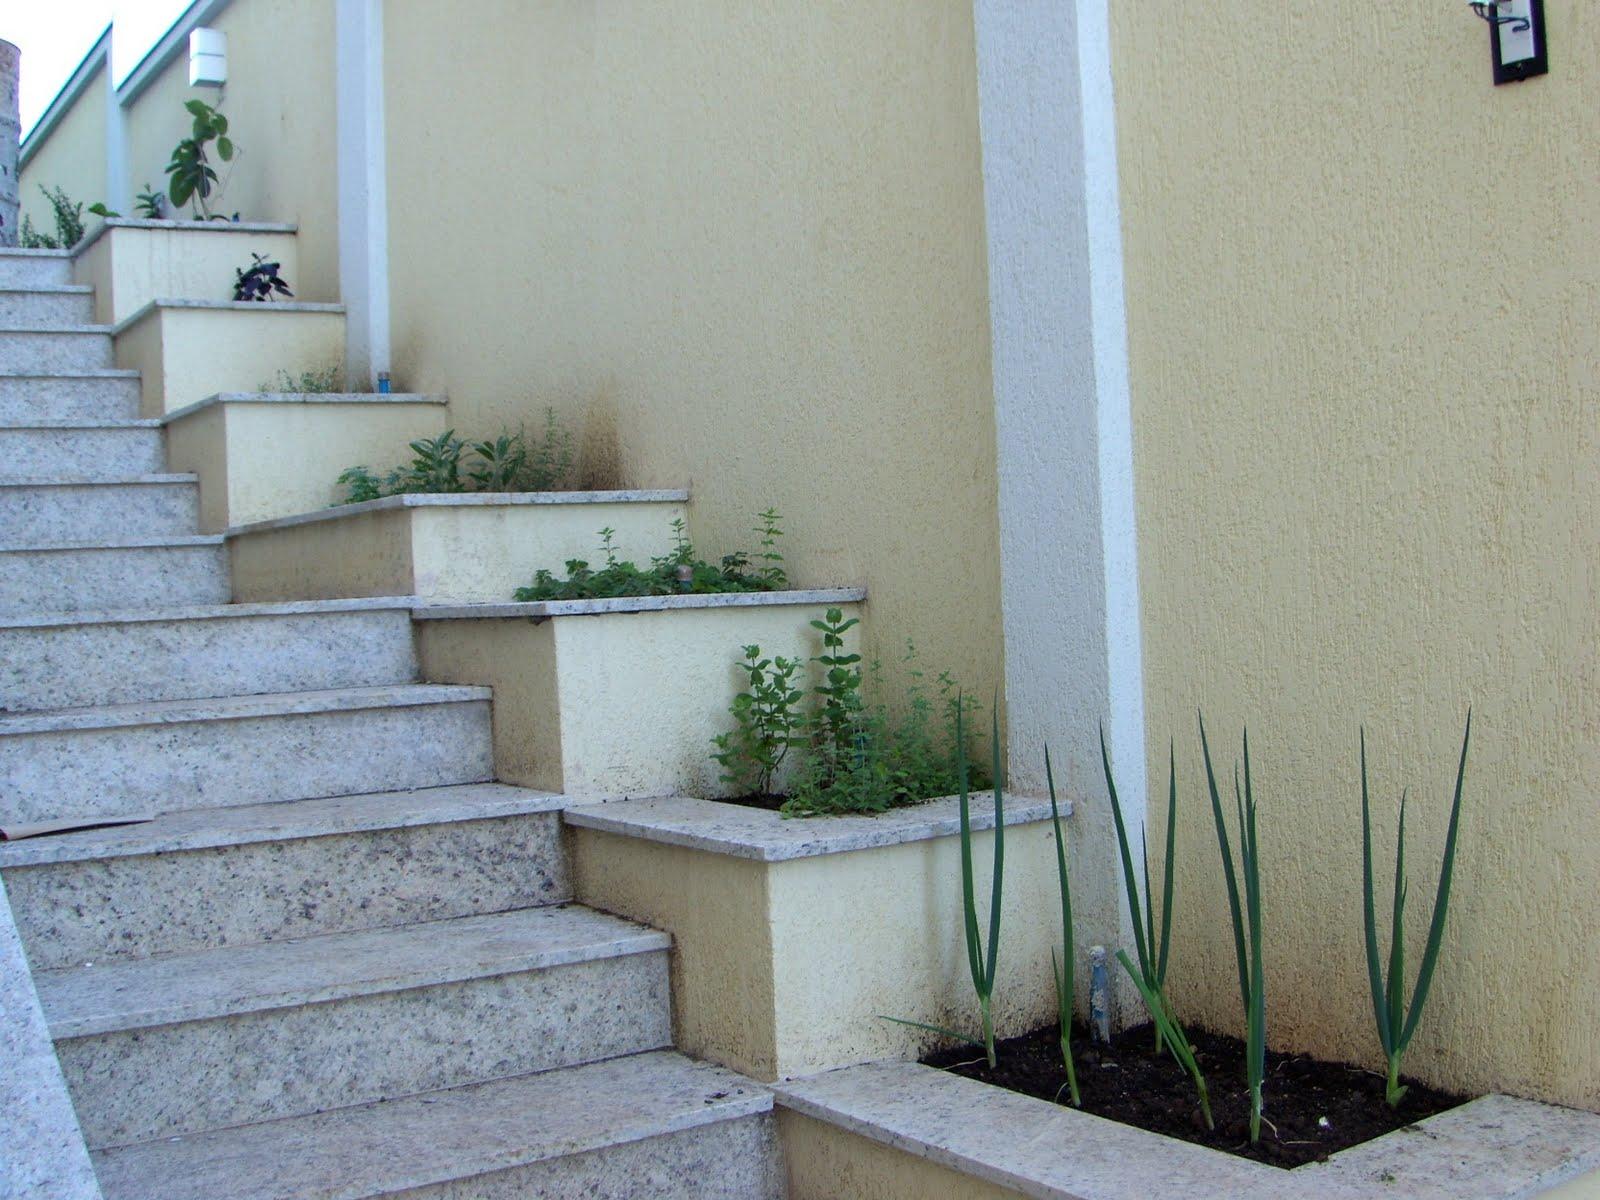 horta e jardim juntos:Mirian Decor: Pequenas Hortas